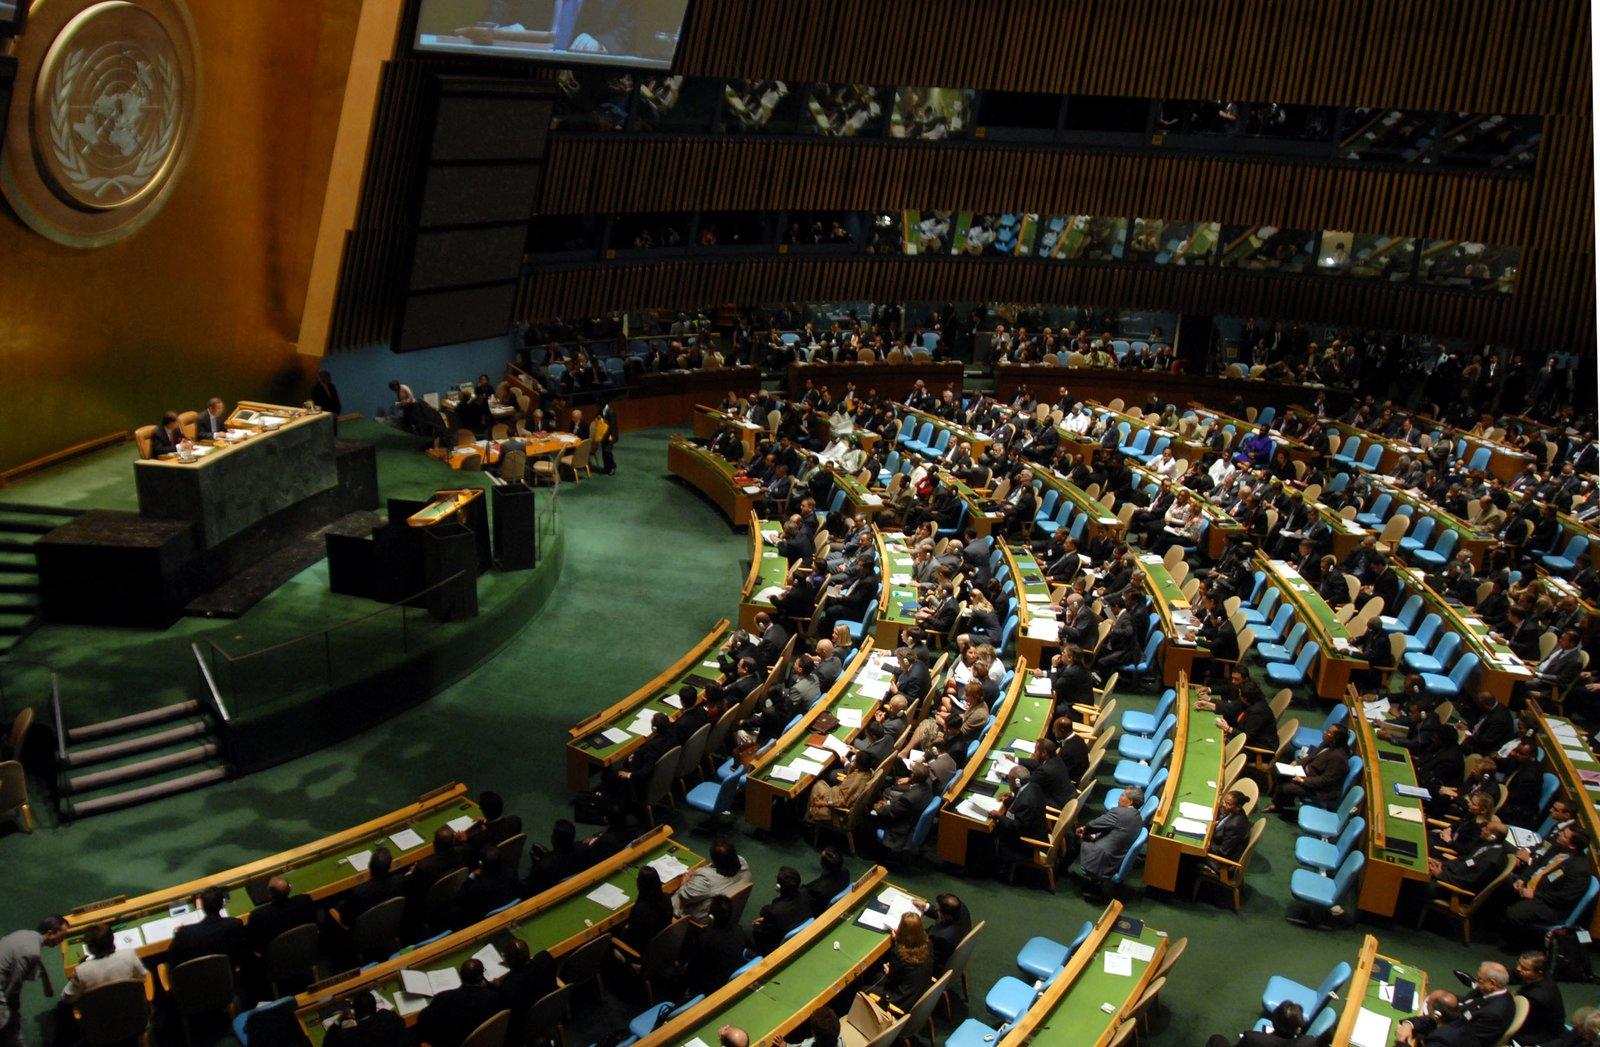 Główna siedziba ONZ wNowym Jorku Źródło: Marcello Casal JR/ABr, Główna siedziba ONZ wNowym Jorku, licencja: CC BY 3.0.